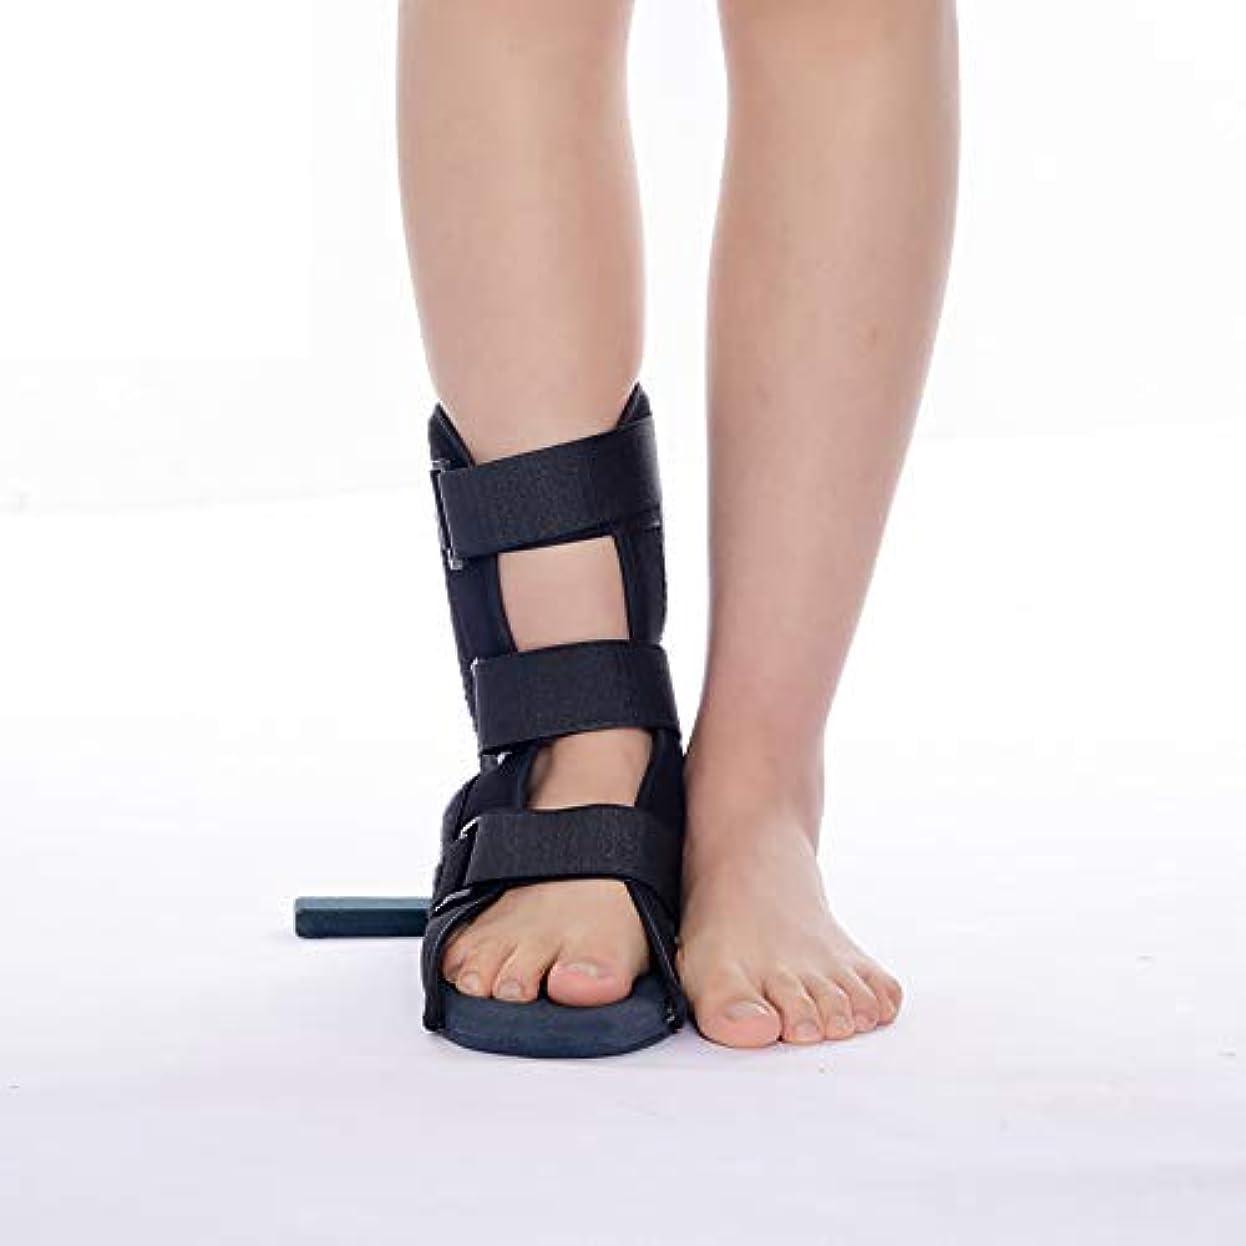 突っ込む触覚克服する足固定整形外科用靴足ブレースサポート回転防止足首捻挫スタビライザーブーツ用足首関節捻挫骨折リハビリテーション